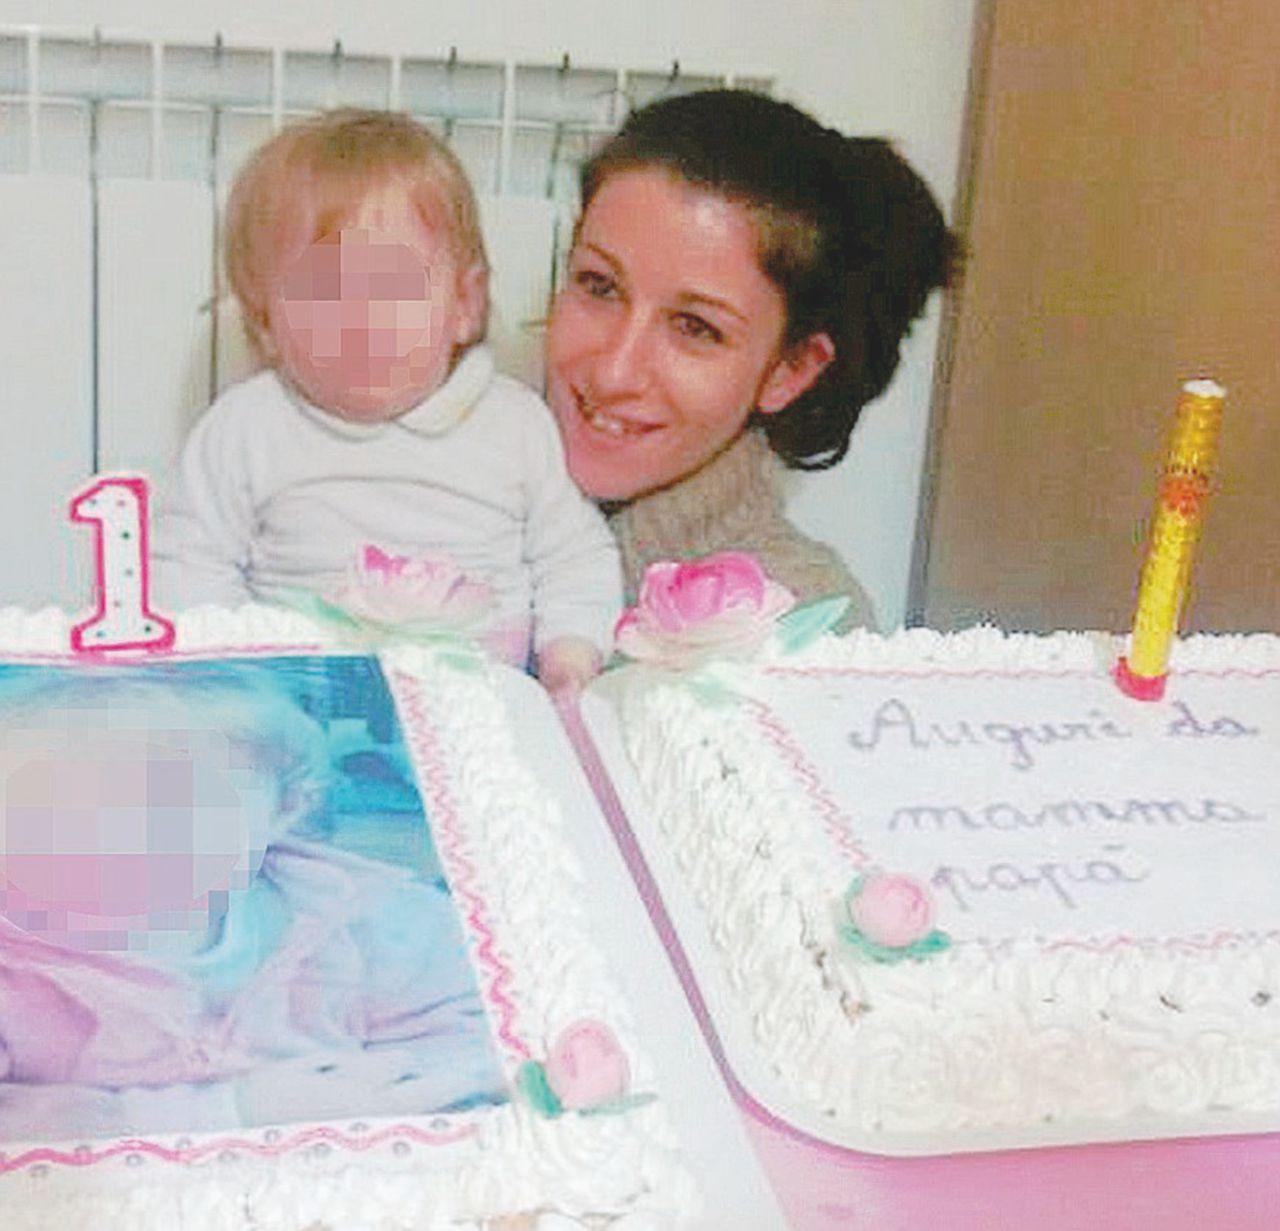 Uccise la ex: condanna a 5 anni, l'ira dei parenti